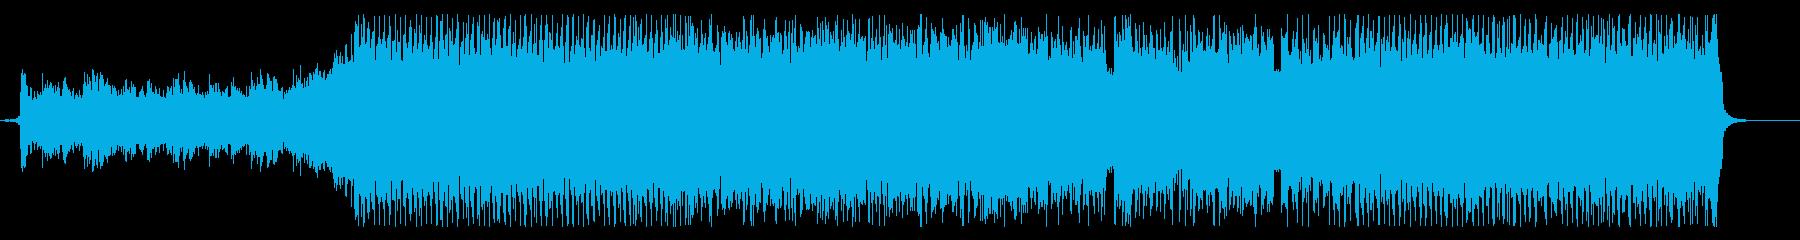 ゴリゴリのハイスピードなヘビィメタルの再生済みの波形